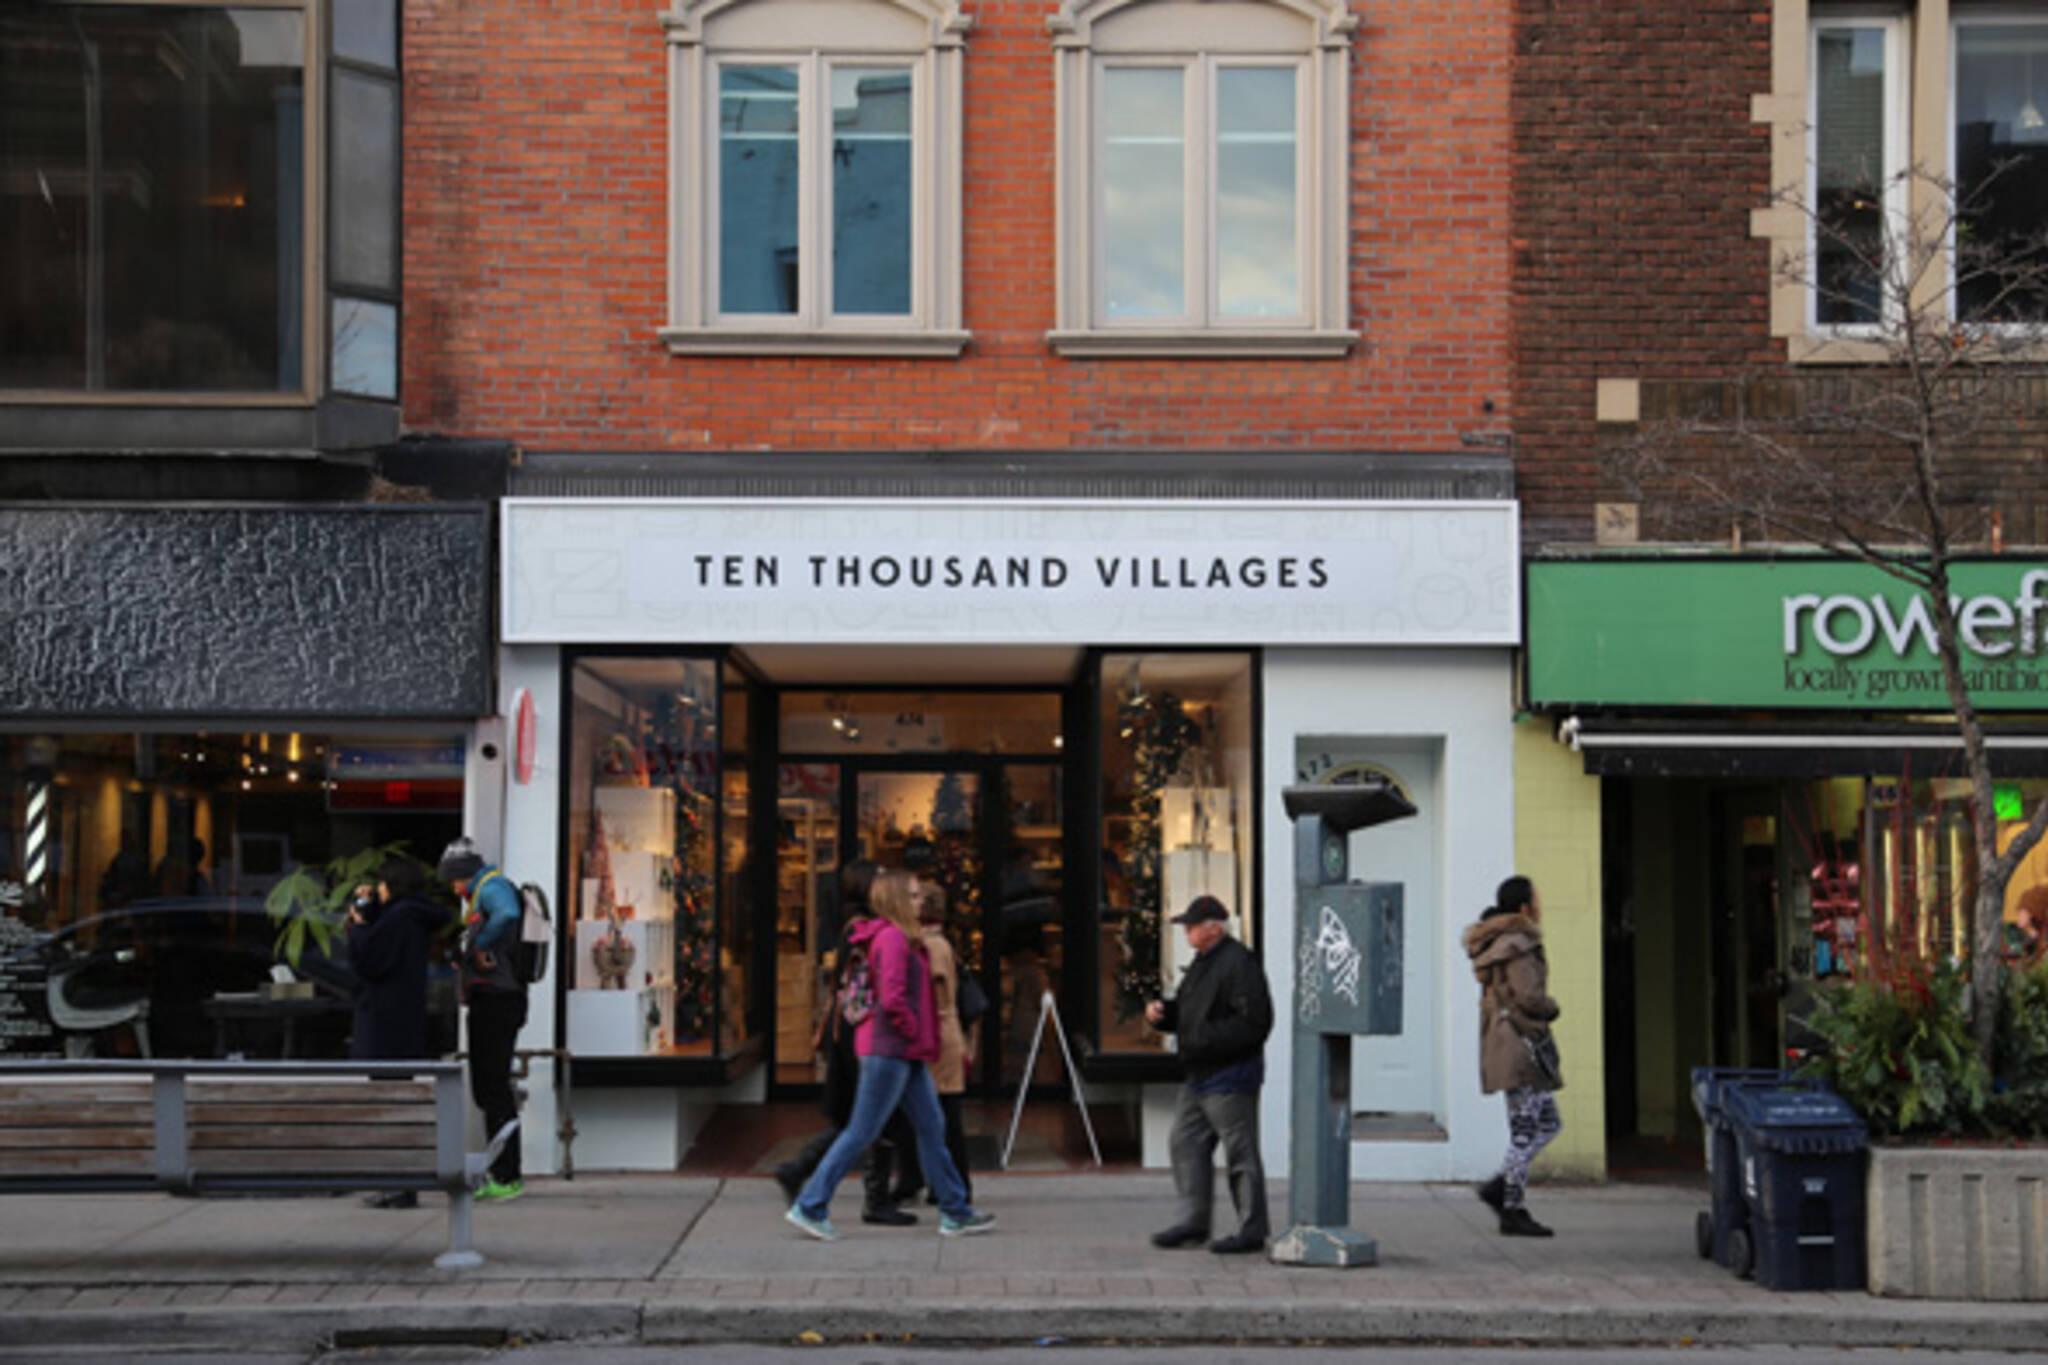 Ten Thousand Villages - blogTO - Toronto